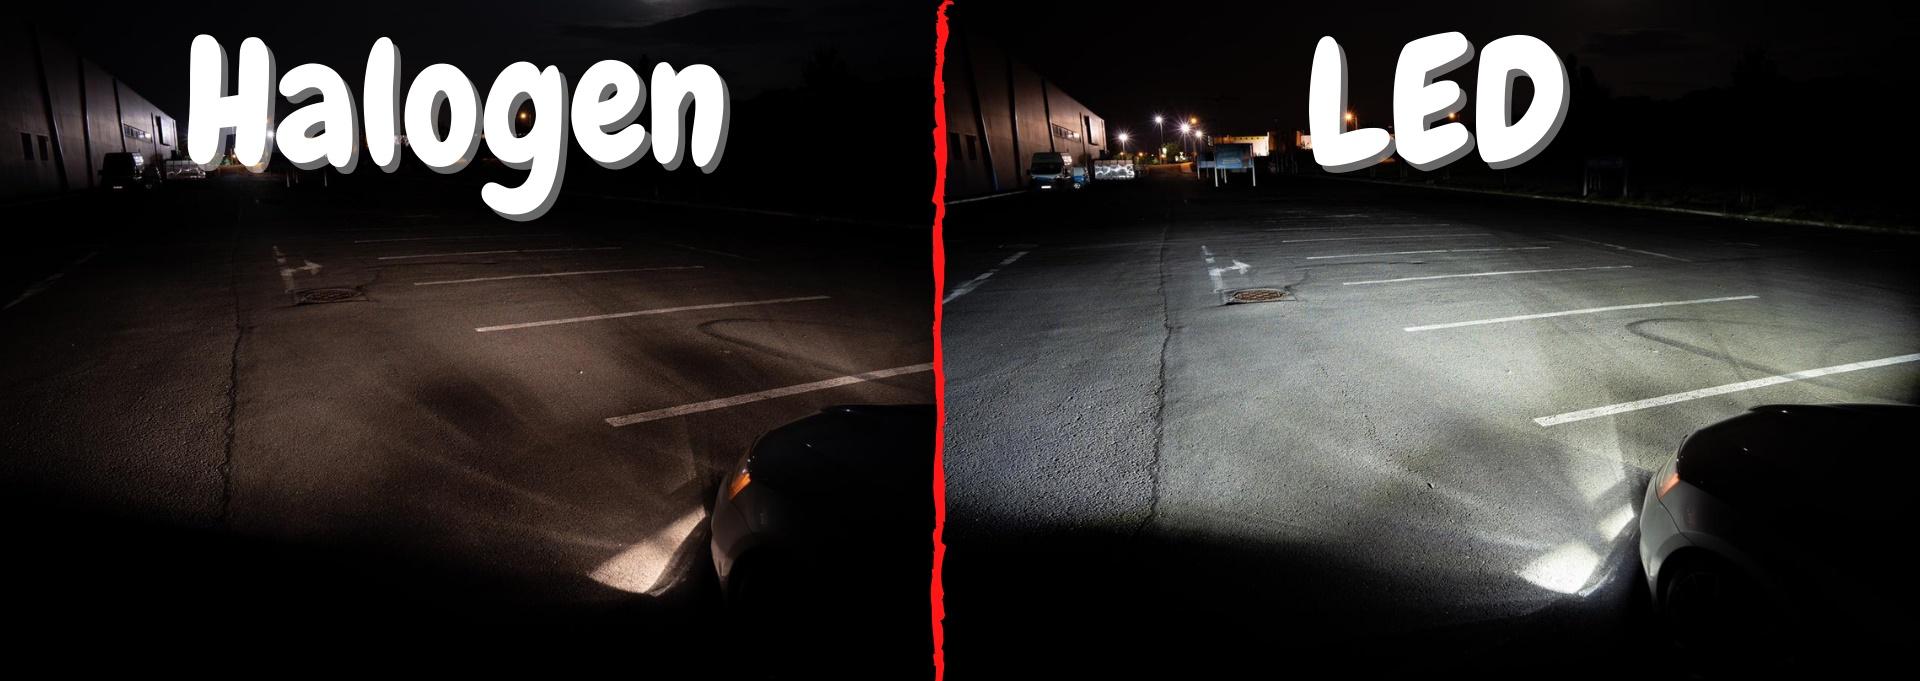 Halogen vs LED srovnání